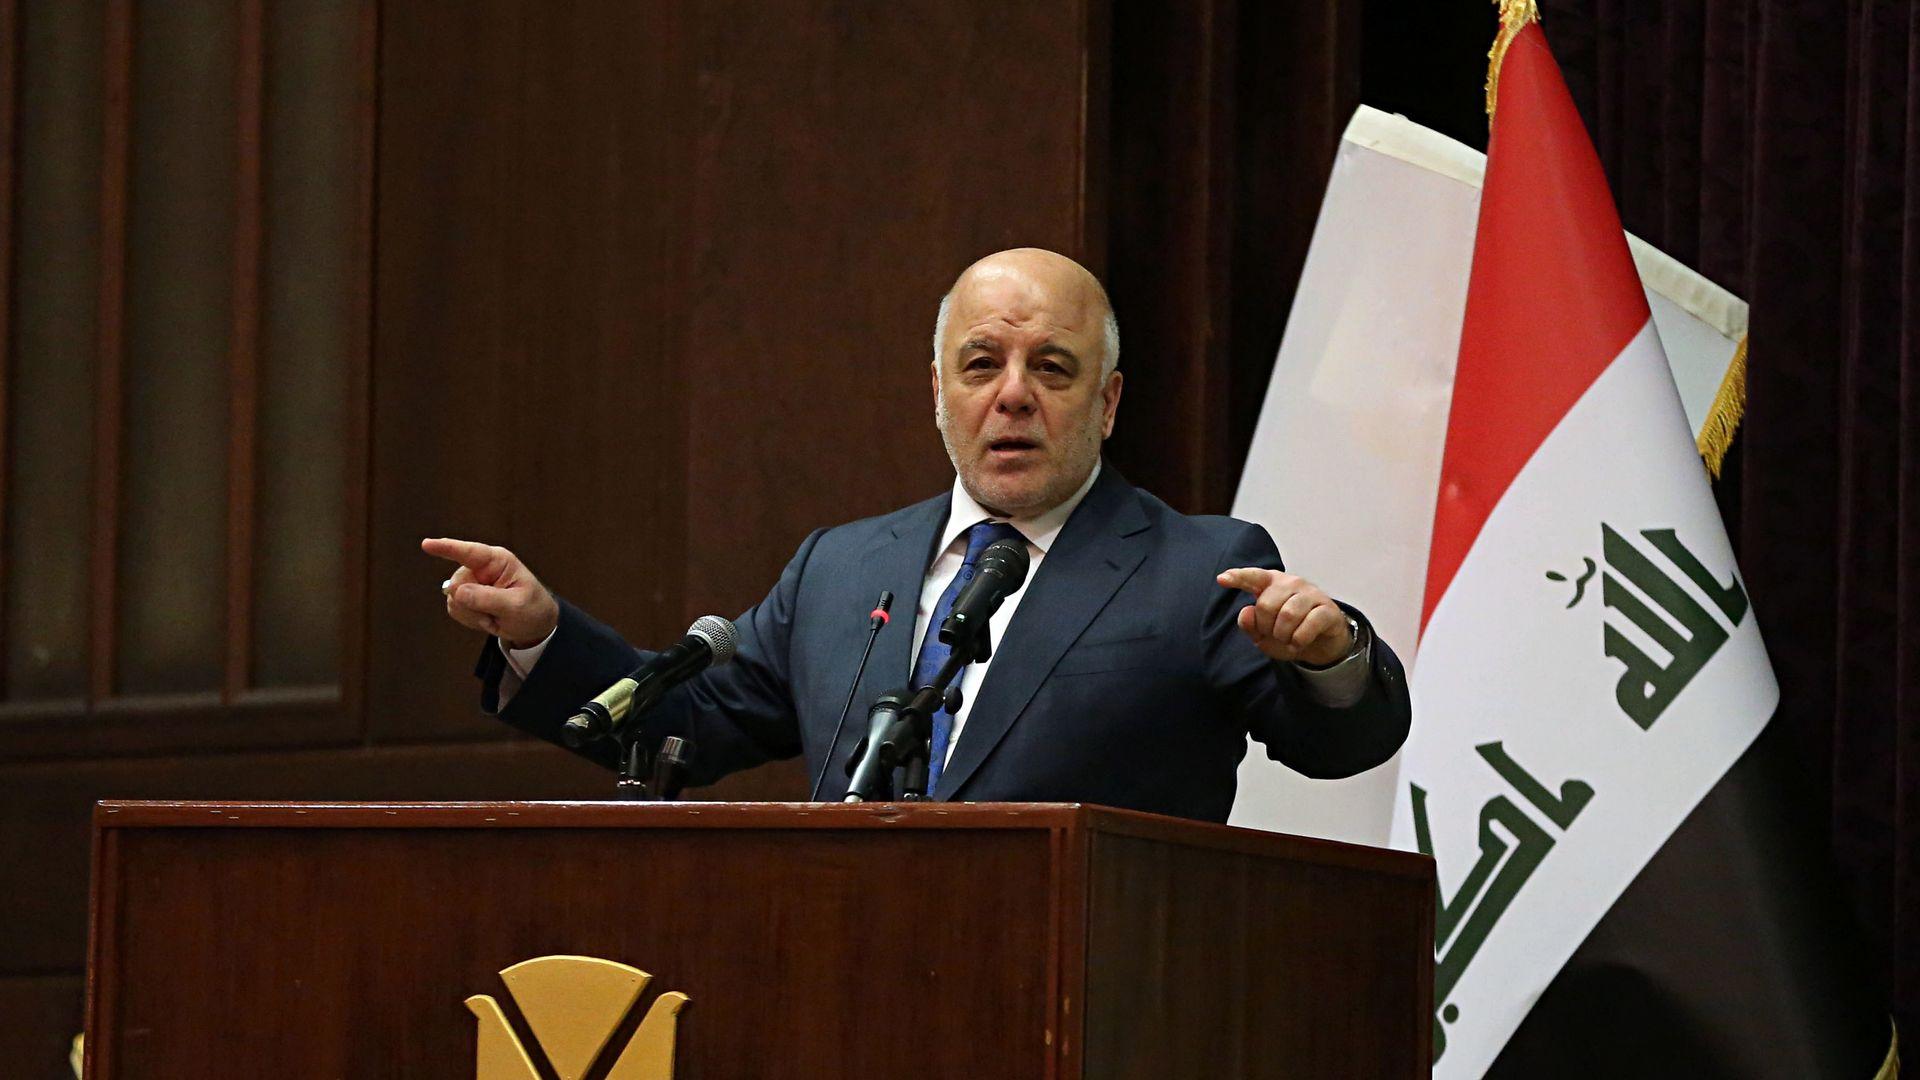 Iraq Prime Minister Haider al-Abadi.